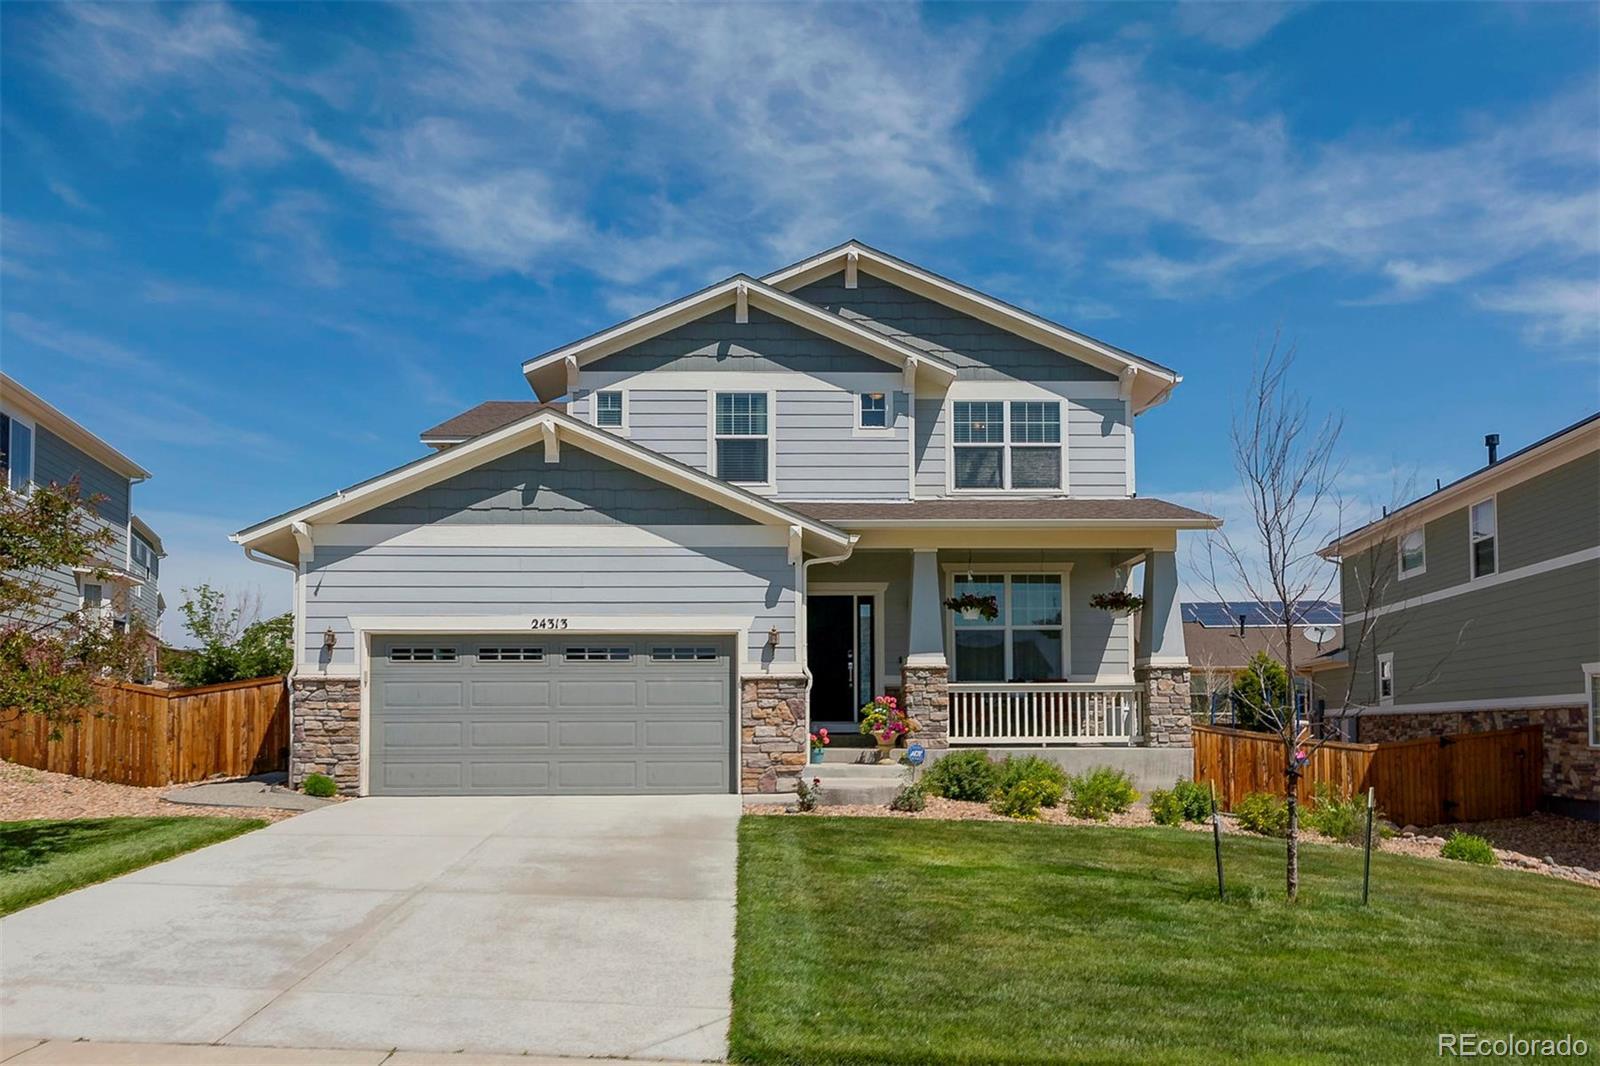 24313 E Dorado Place Property Photo - Aurora, CO real estate listing